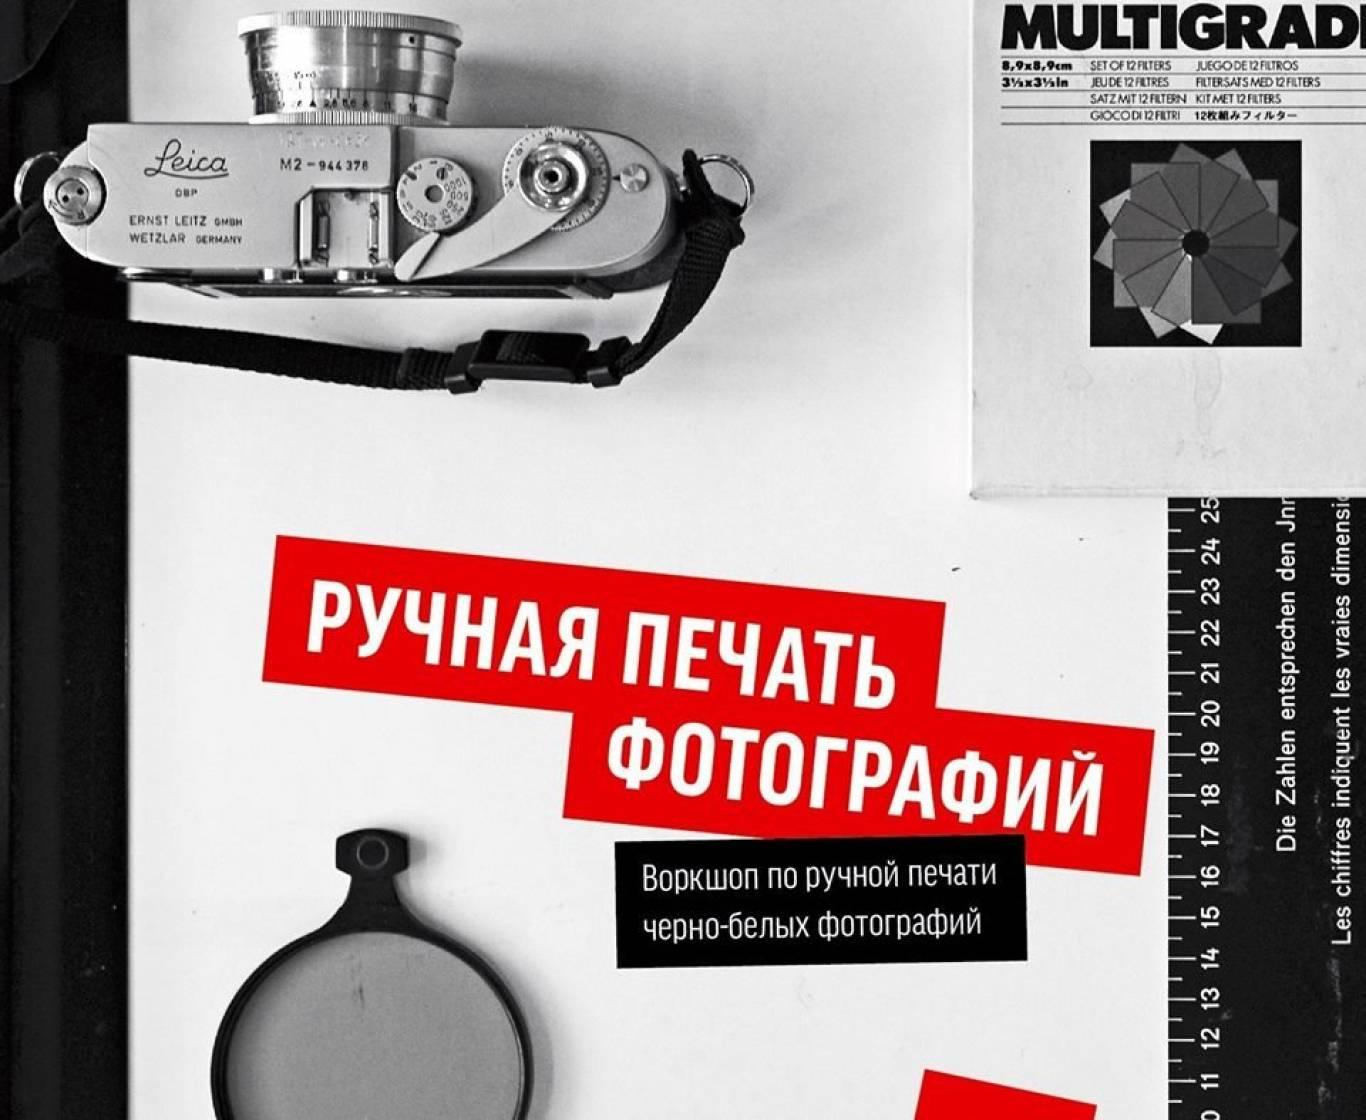 Мастер-класс по ручной печати фотографий в Izone